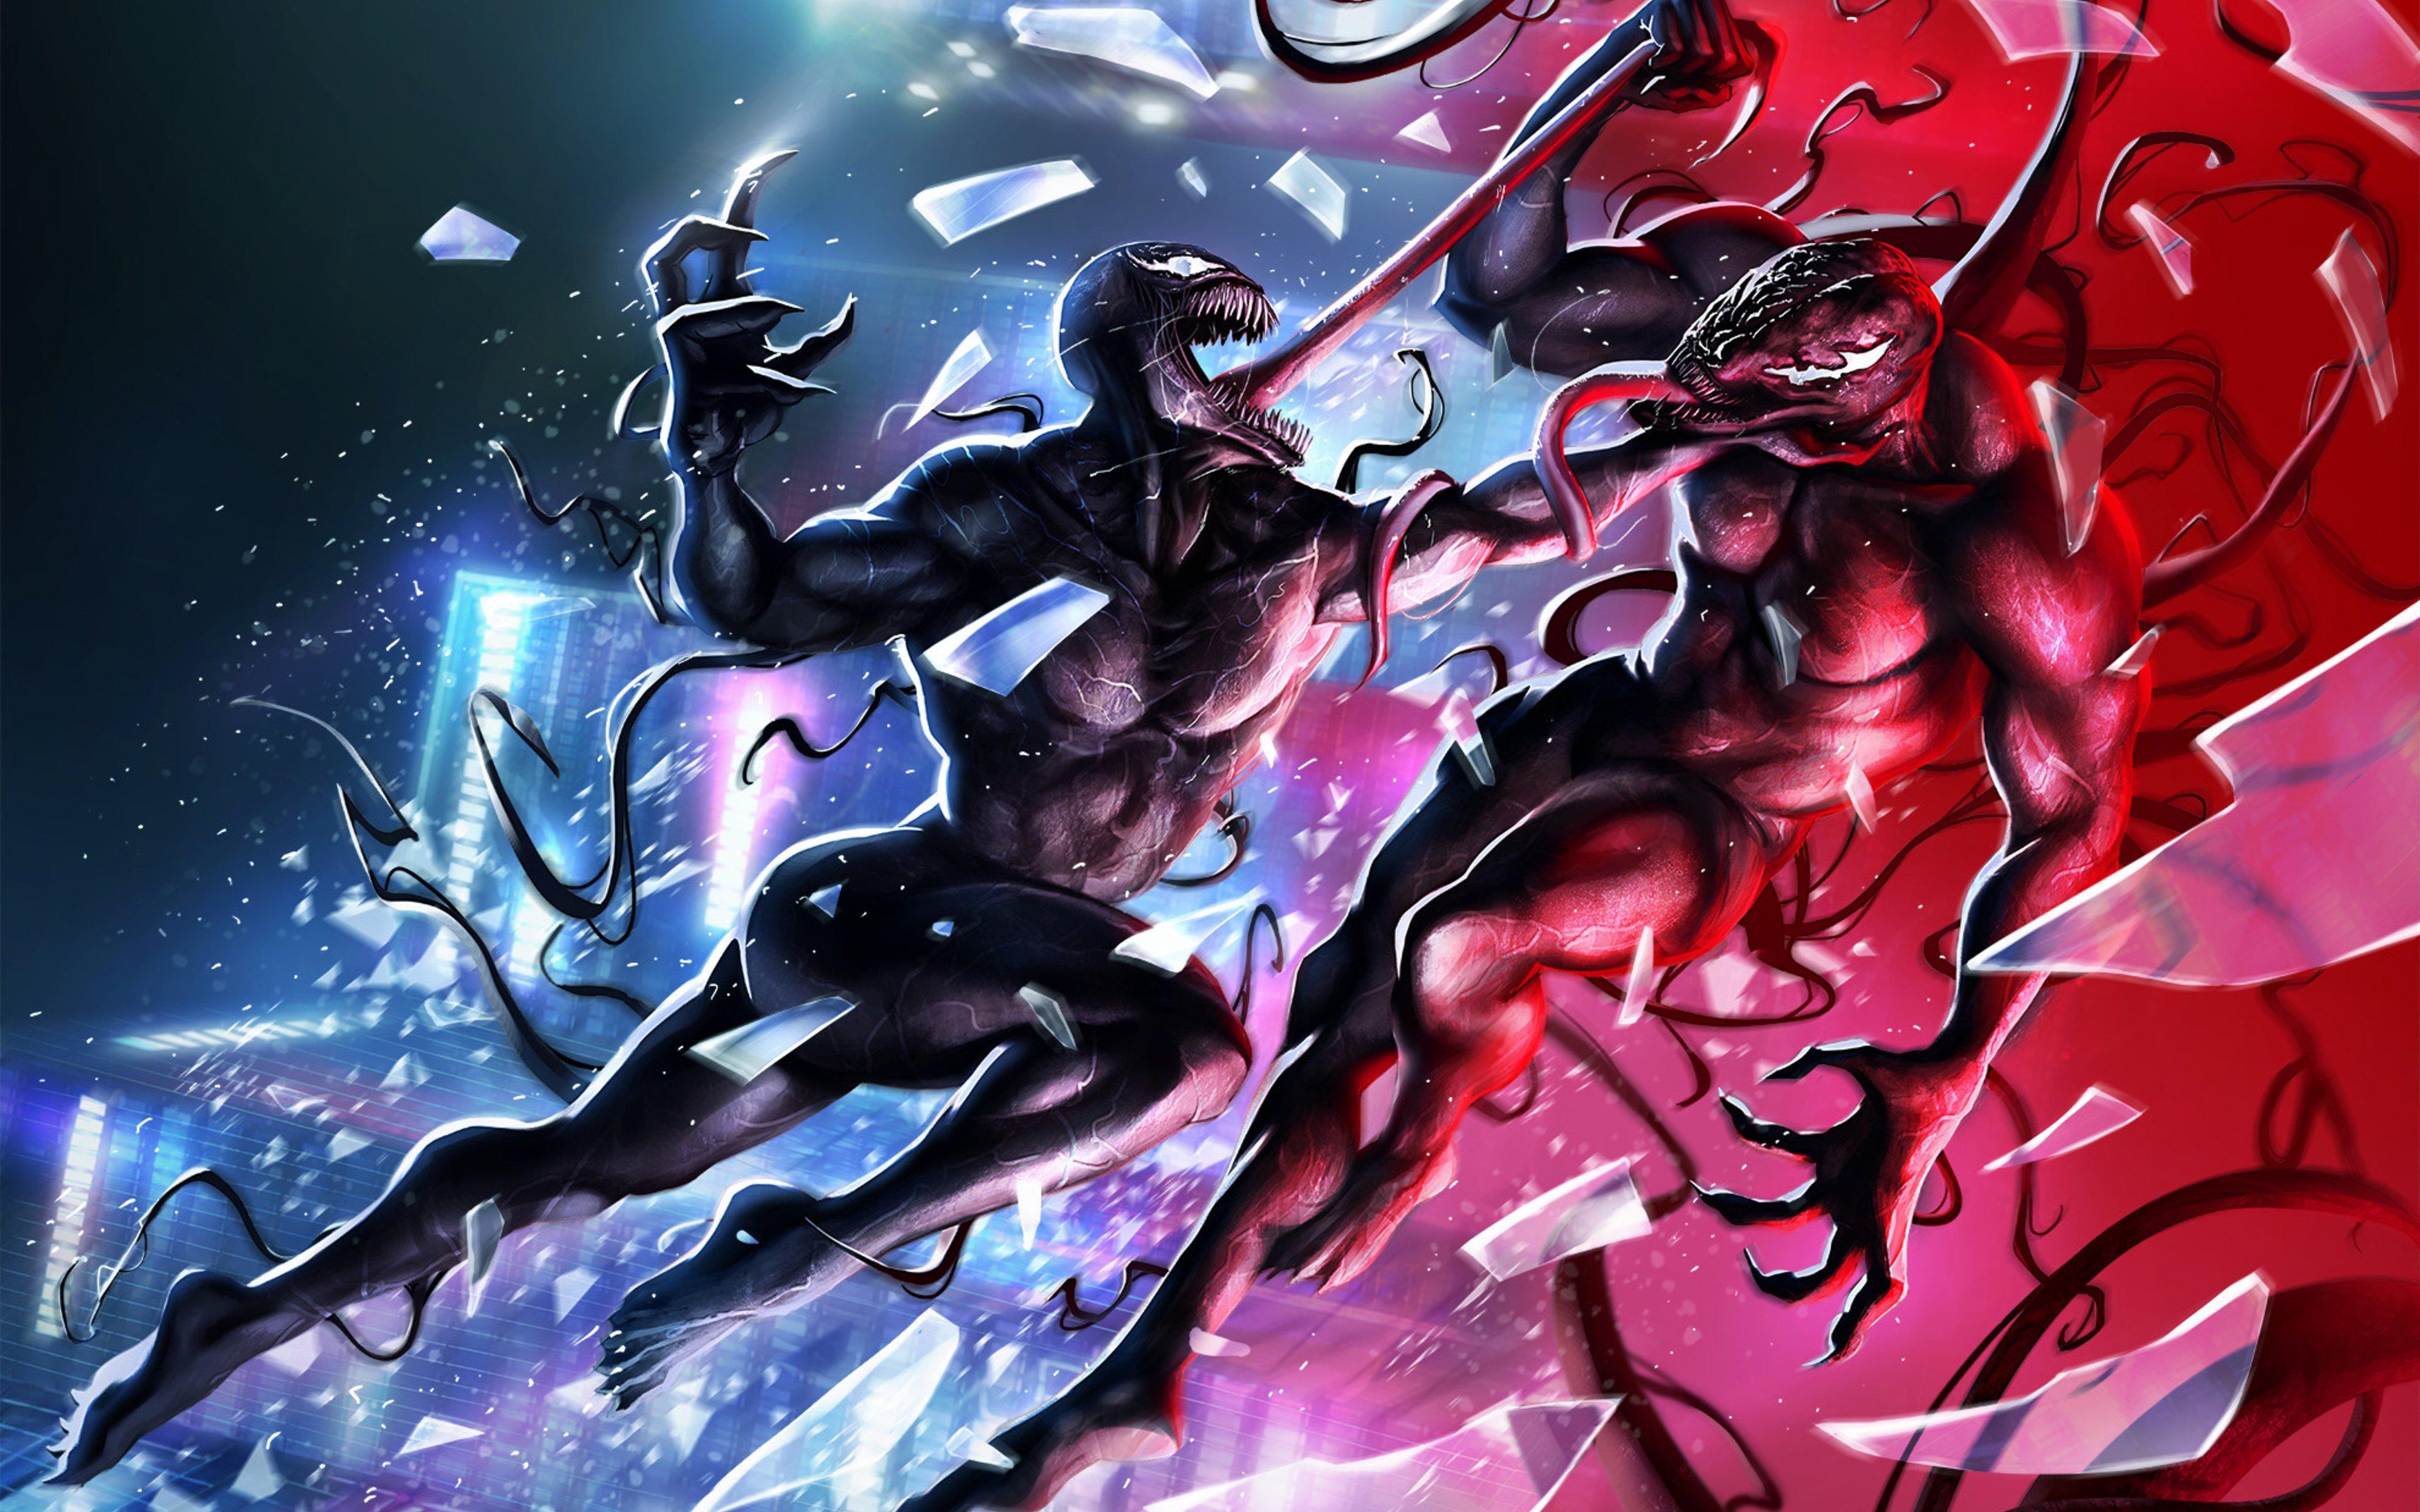 Fondos de pantalla Ilustración de Venom contra Riot